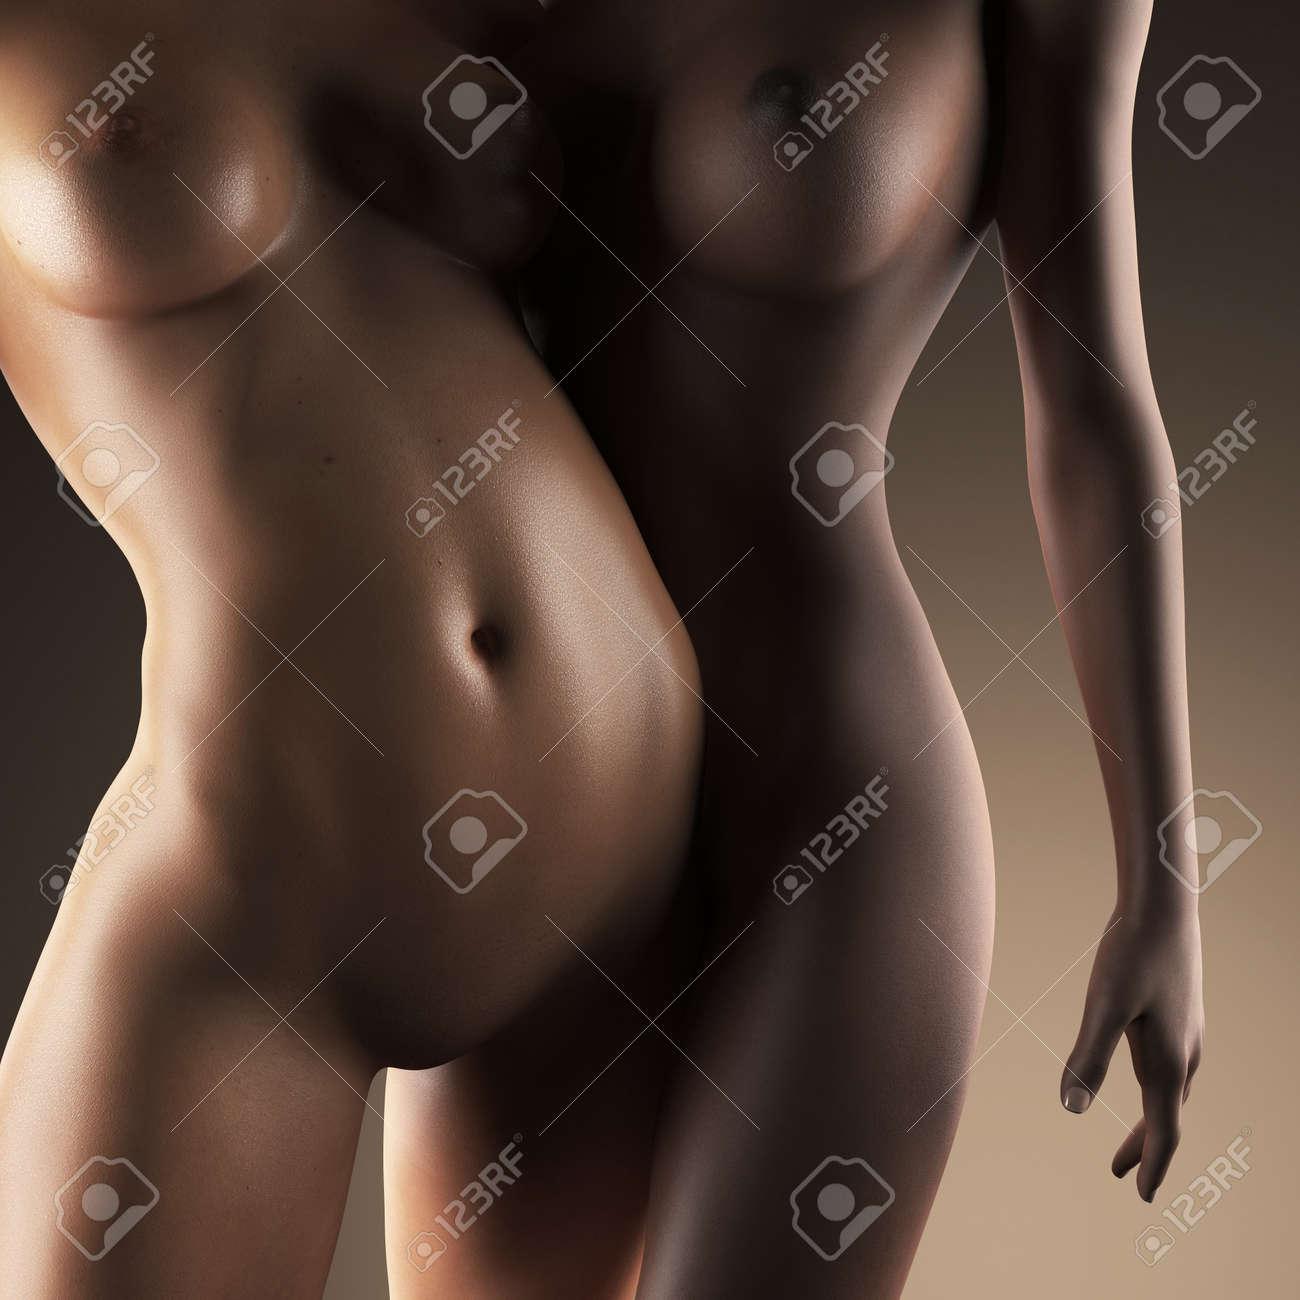 Nude Lesbian Women